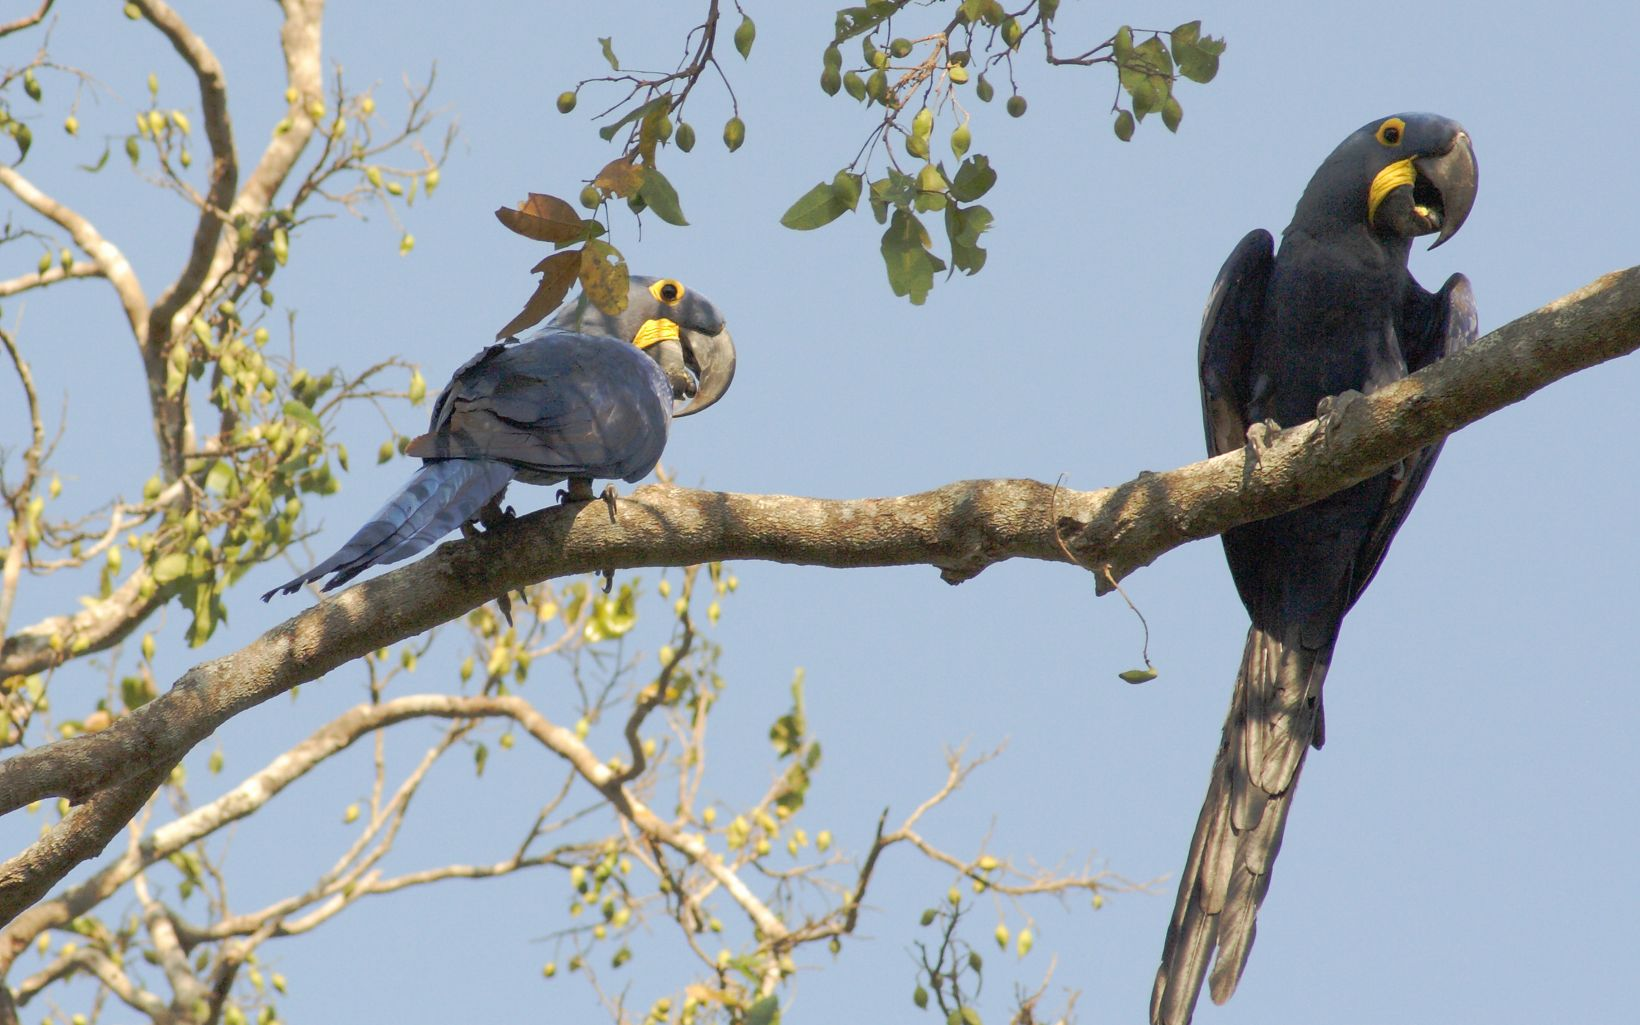 Hyacinth macaws, Pantanal, Mato Grosso State, Brazil